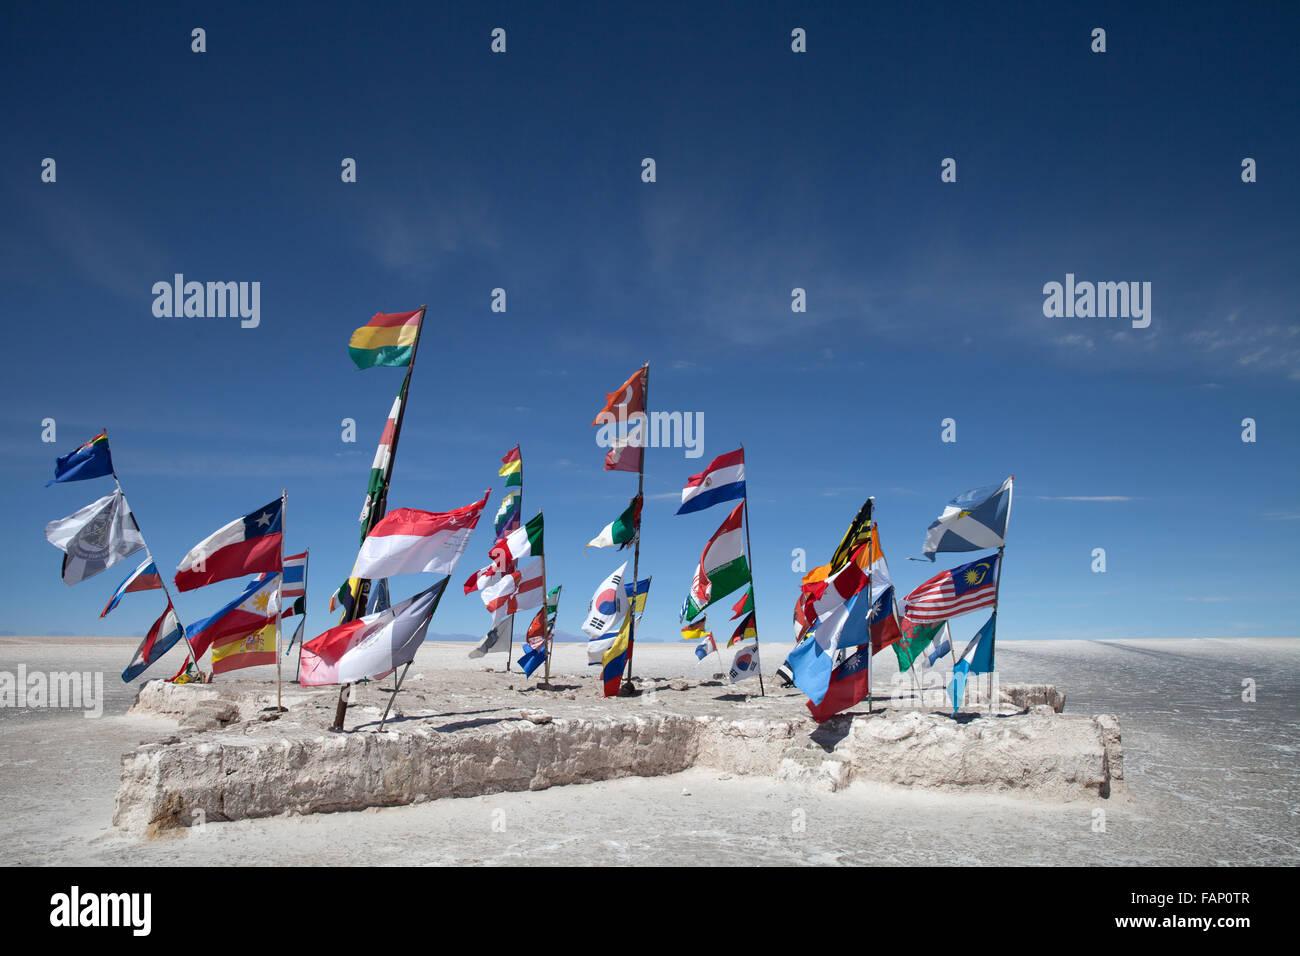 Bandiere di paesi diversi volare da posti sul Salar de Uyuni (Saline di Uyuni) in Bolivia Immagini Stock